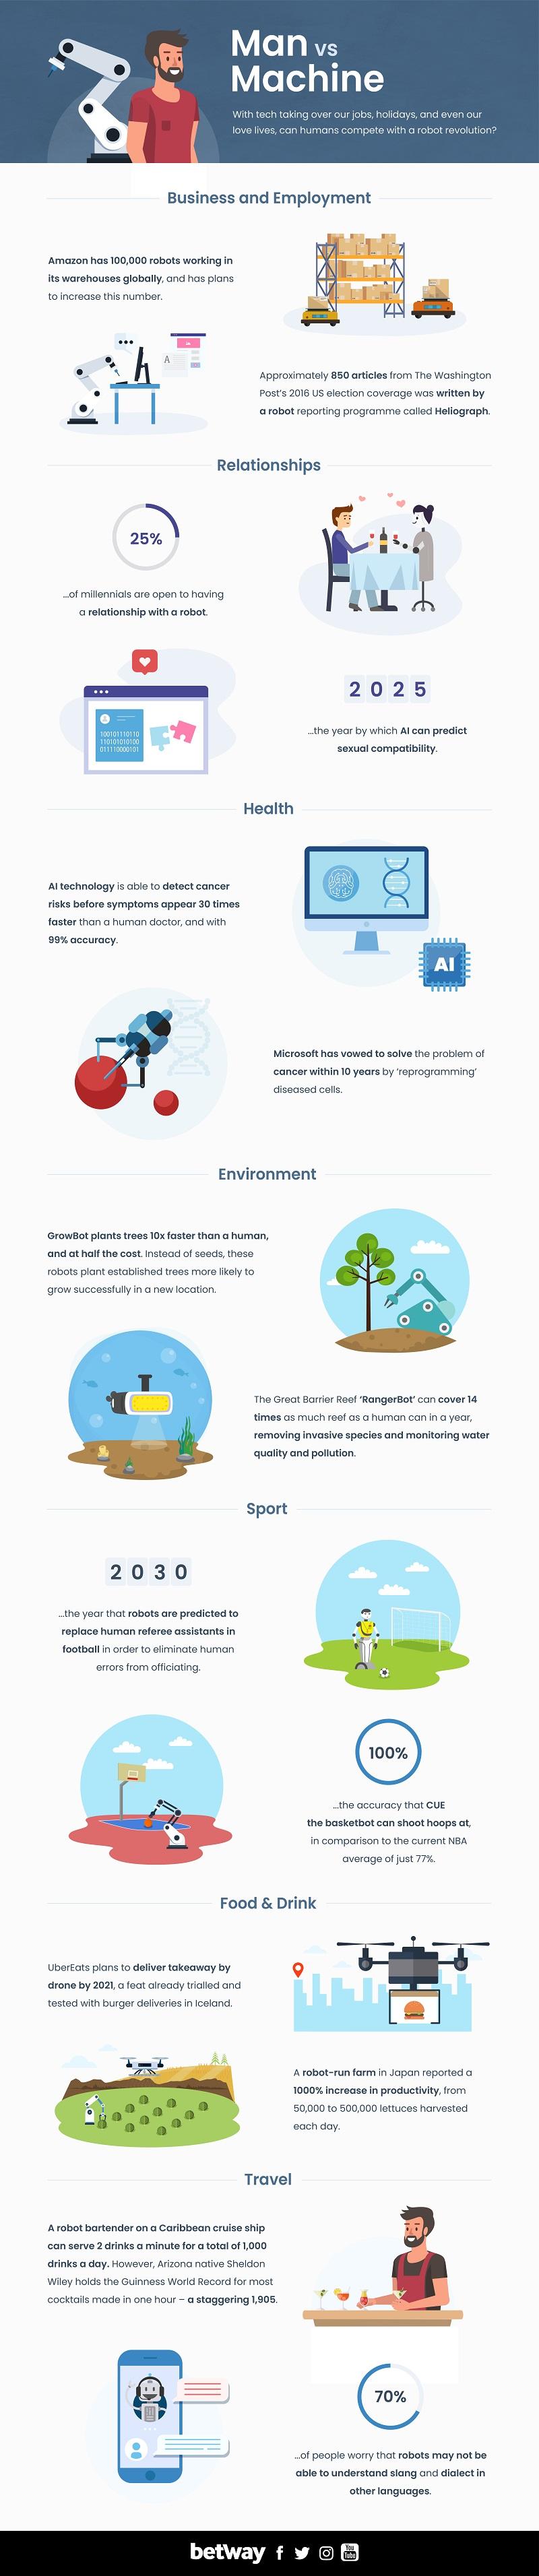 man vs machine infographic